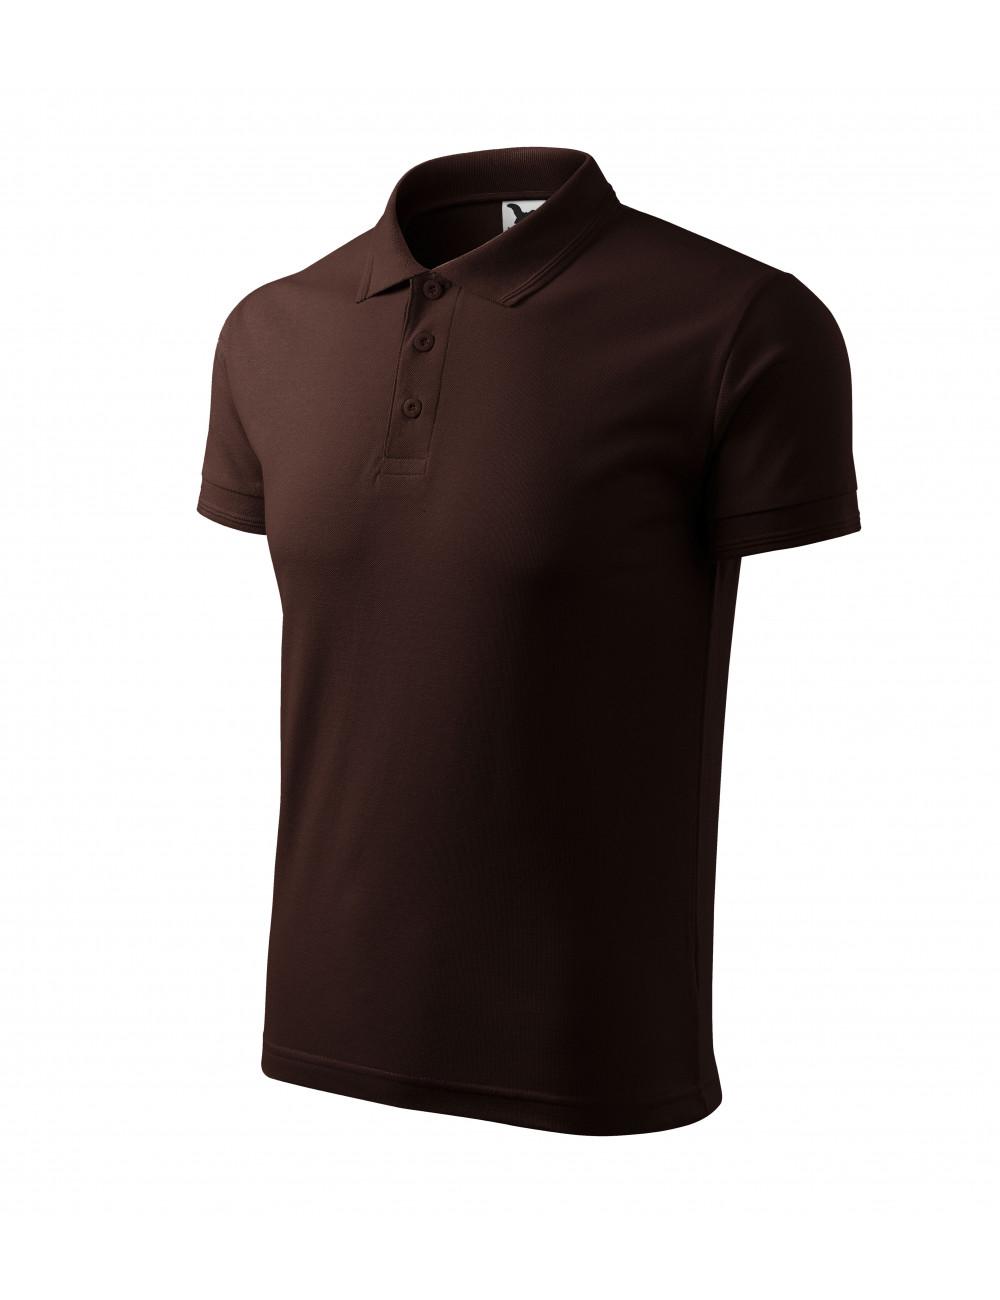 Adler MALFINI Koszulka polo męska Pique Polo 203 kawowy